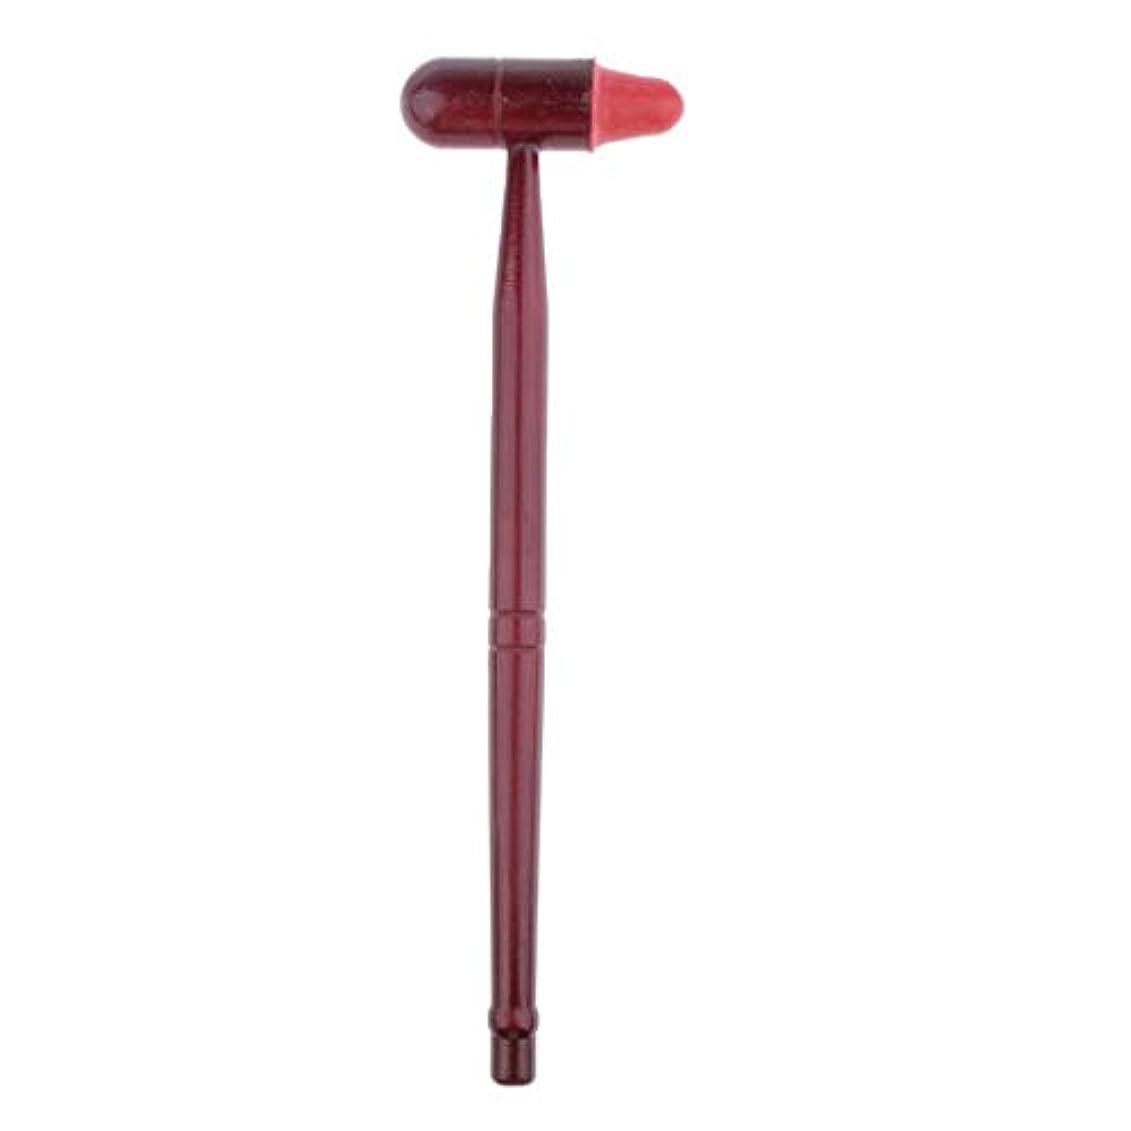 電化するパドル可動式ボディマッサージ ハンマー ノック 肩たたき棒 健康用品 木製 ストレス解消 使いやすい 疲労緩和